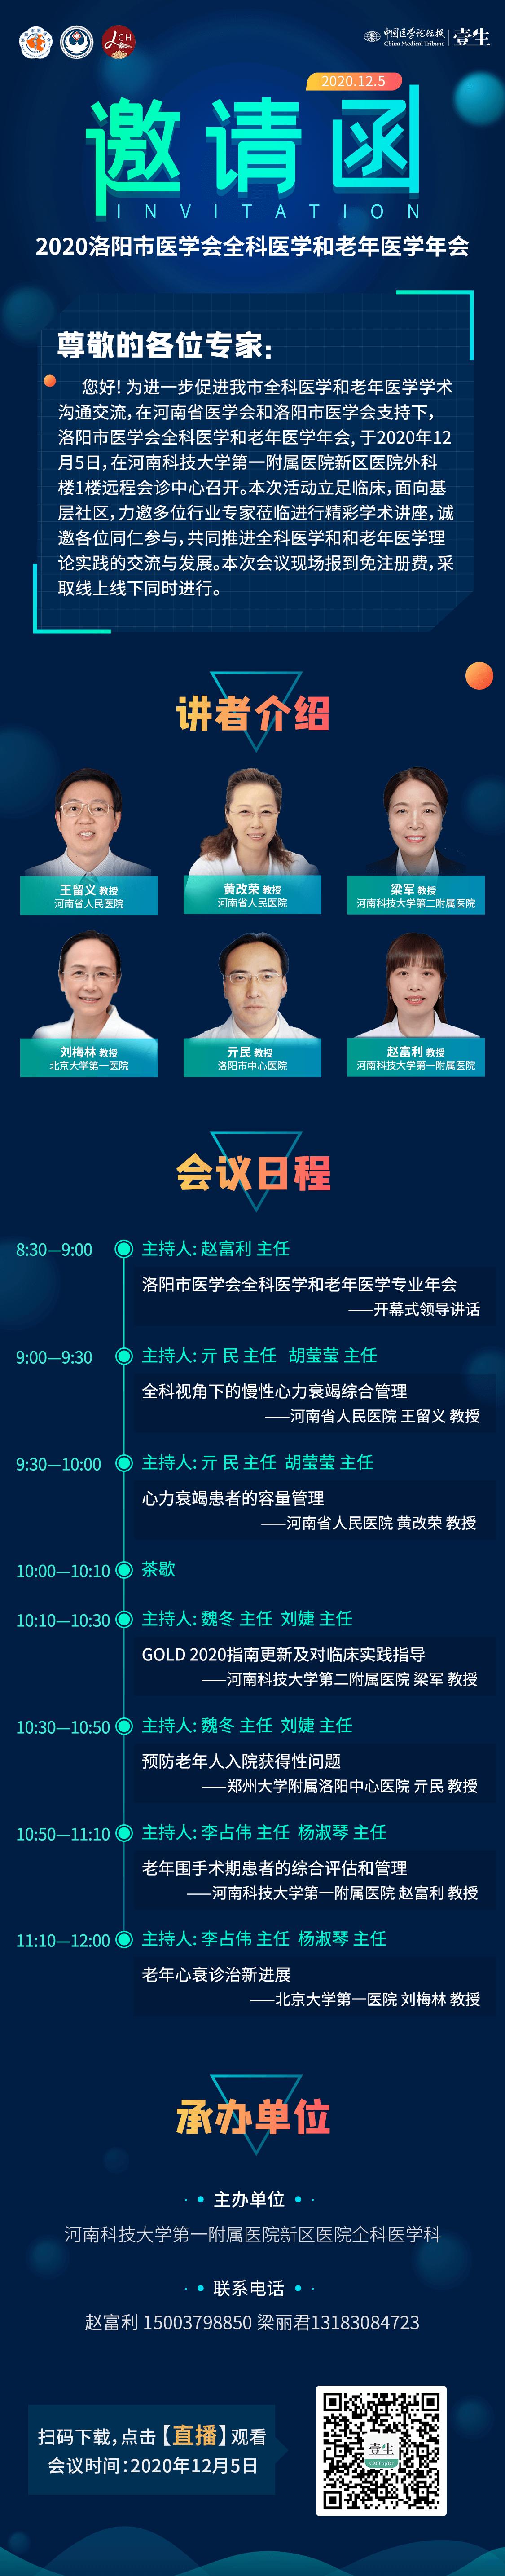 邀请函长图改.png